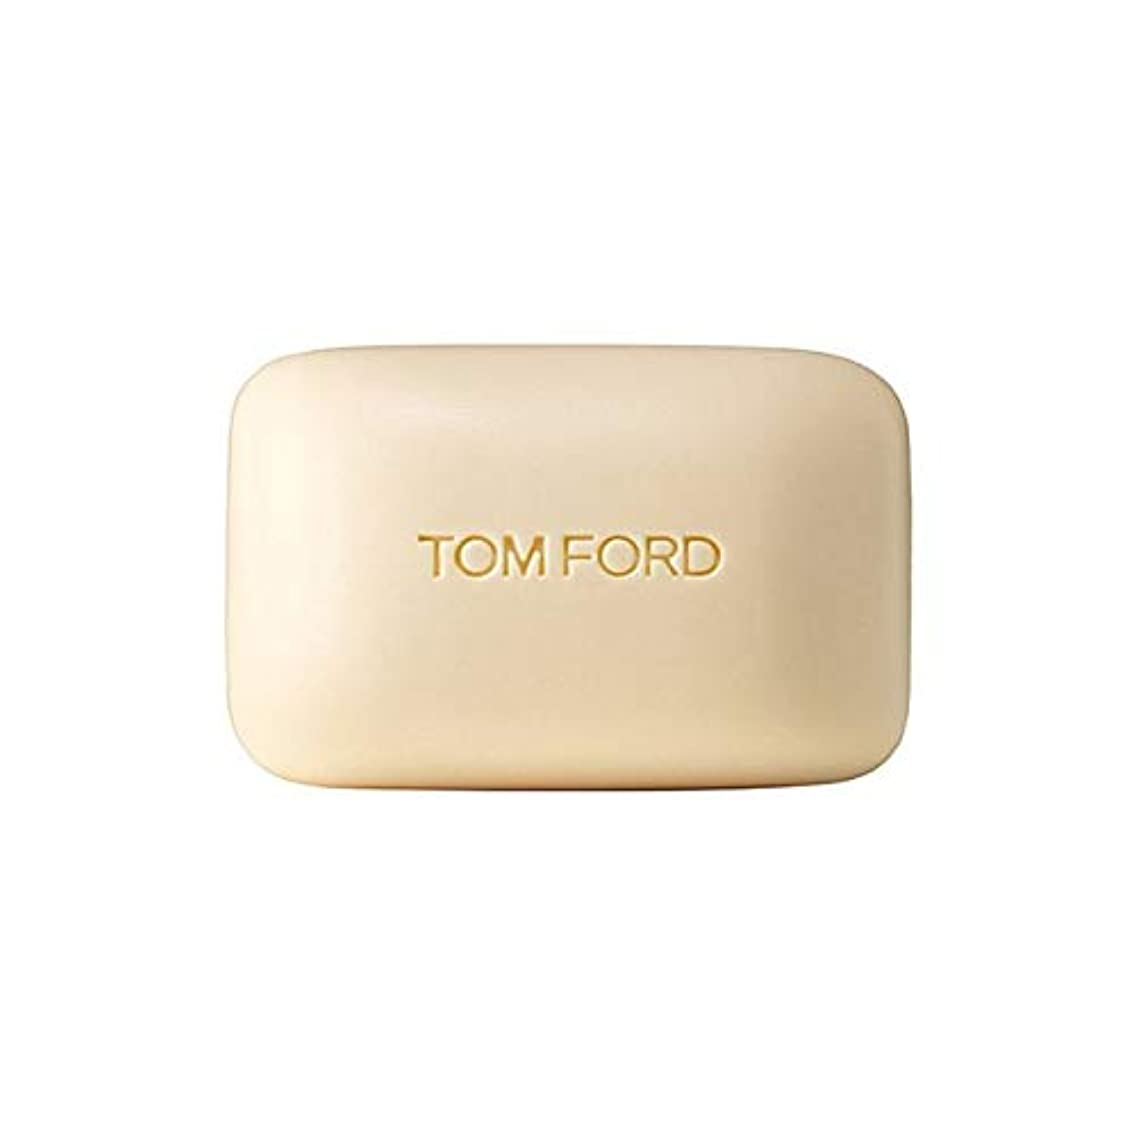 酸化物侮辱間に合わせ[Tom Ford] トムフォードジャスミンルージュソープバー150グラム - Tom Ford Jasmin Rouge Soap Bar 150G [並行輸入品]